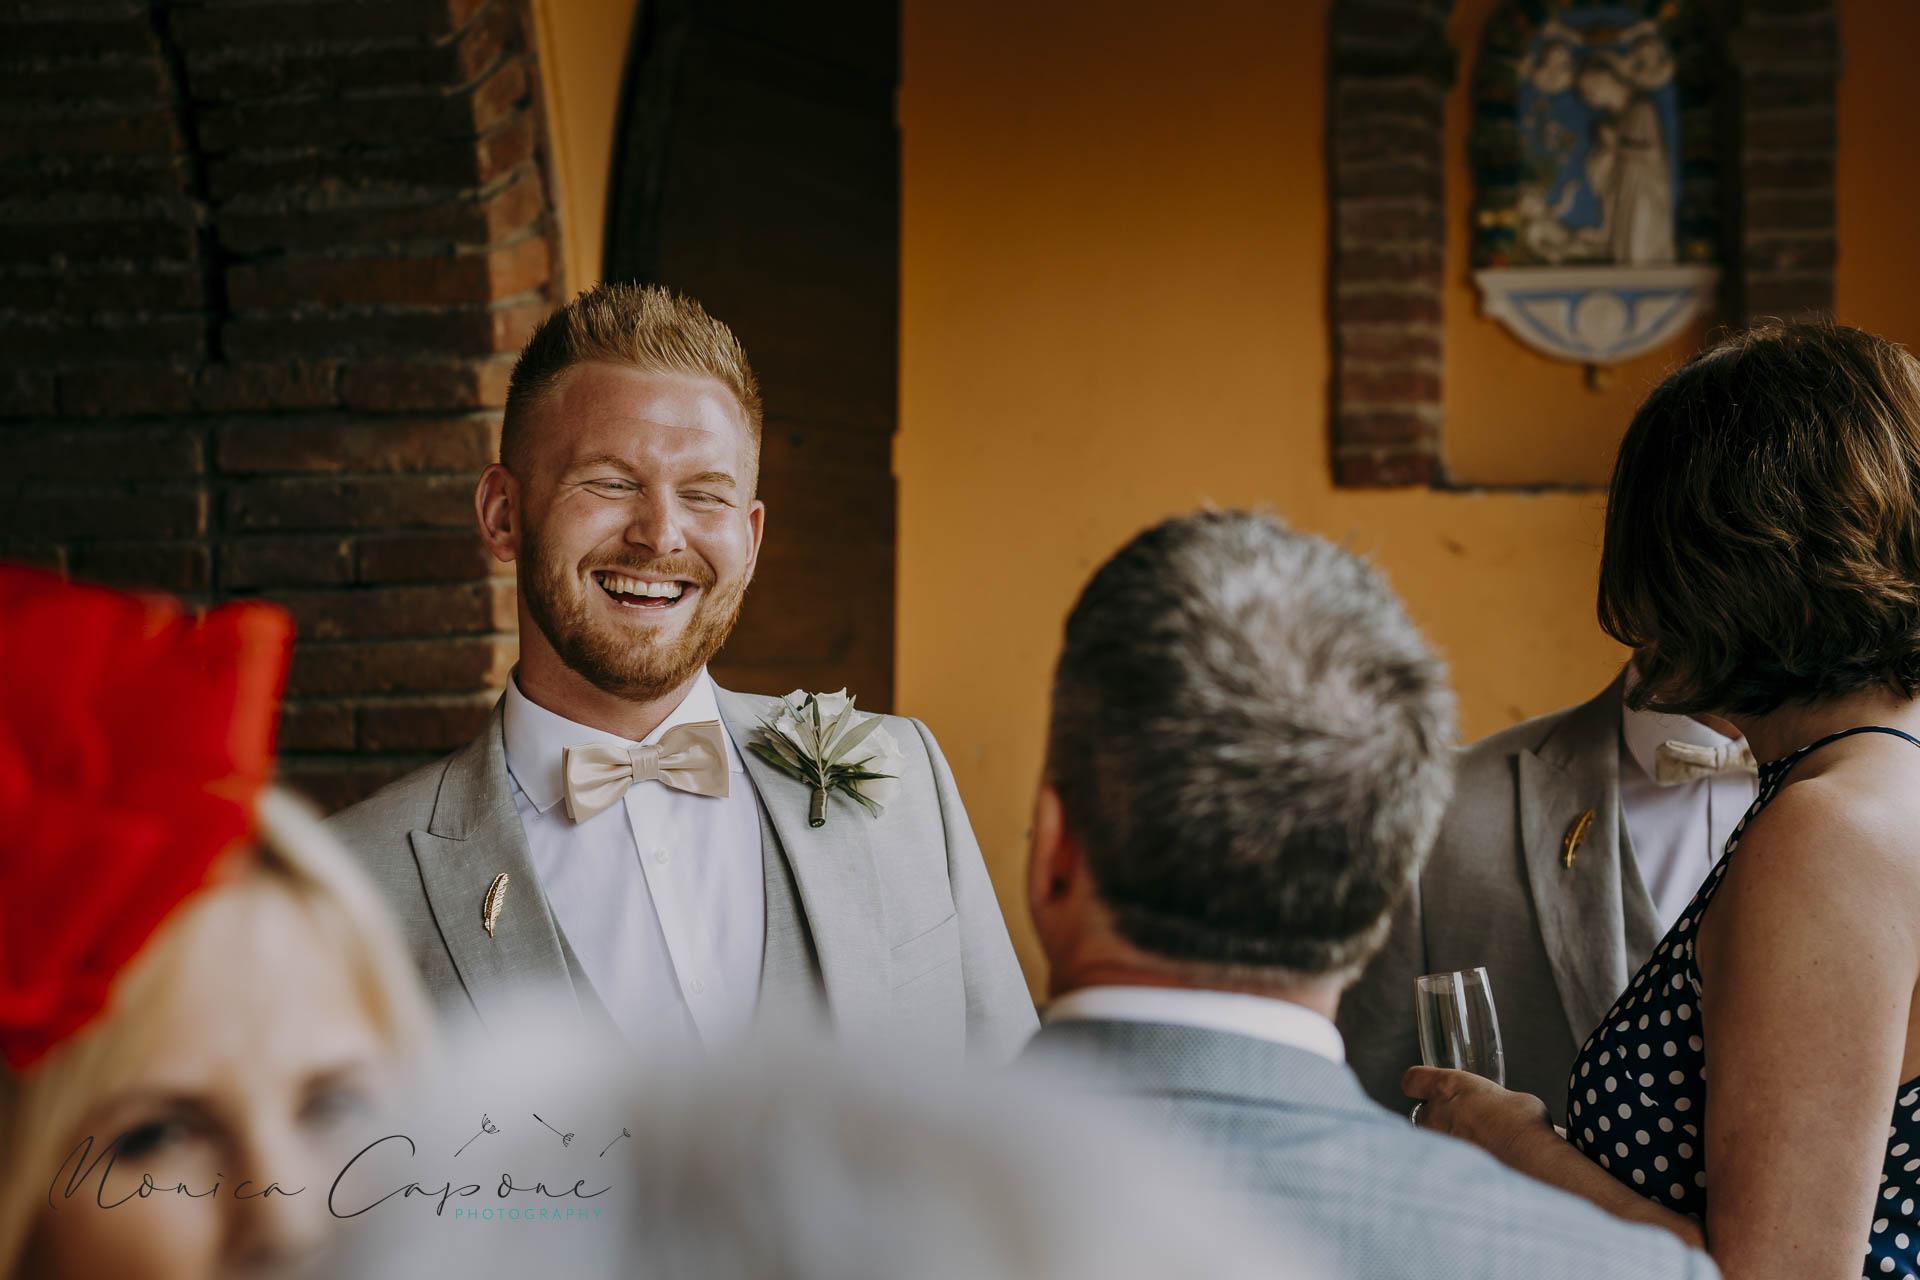 prezzi-servizio-fotografico-matrimonio-stile-reportage